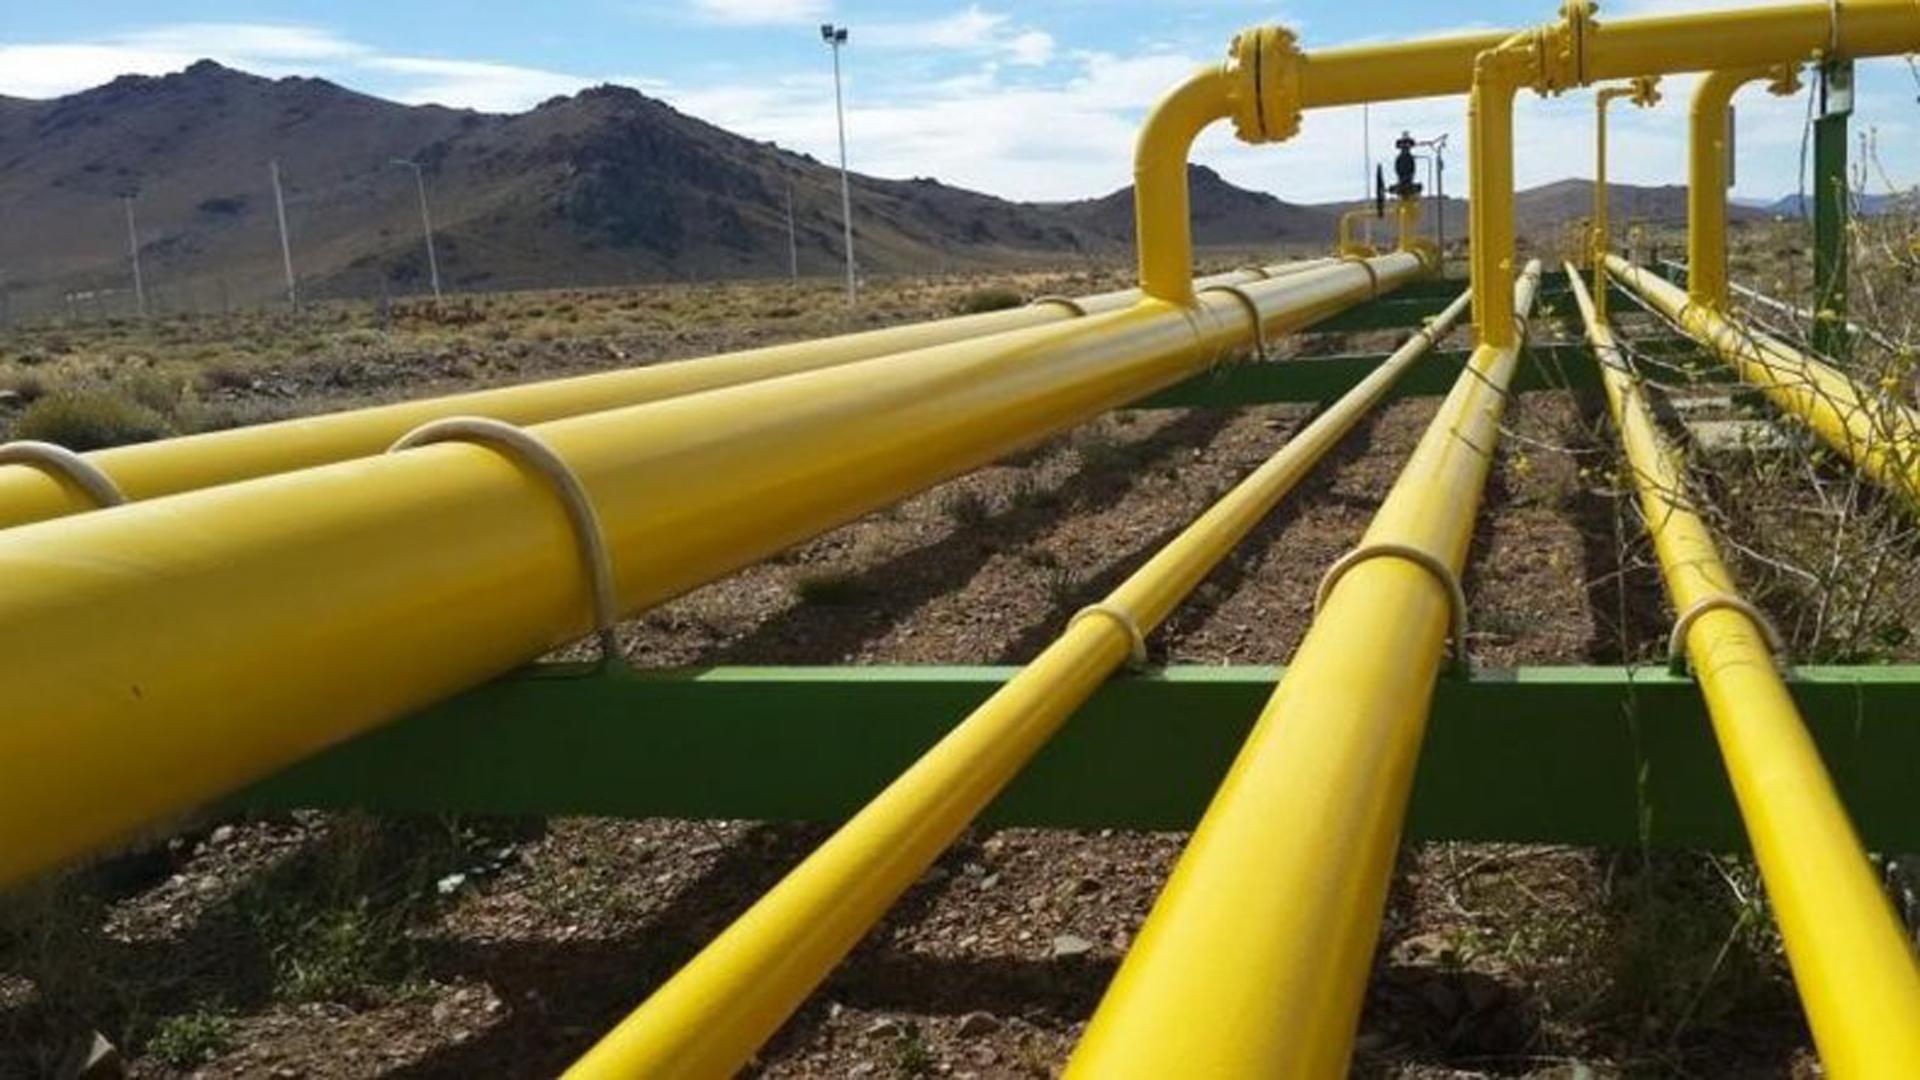 Aumenta la oferta de gas no convencional y contribuye a reducir el costo de la generación de energía eléctrica (El Patagónico)